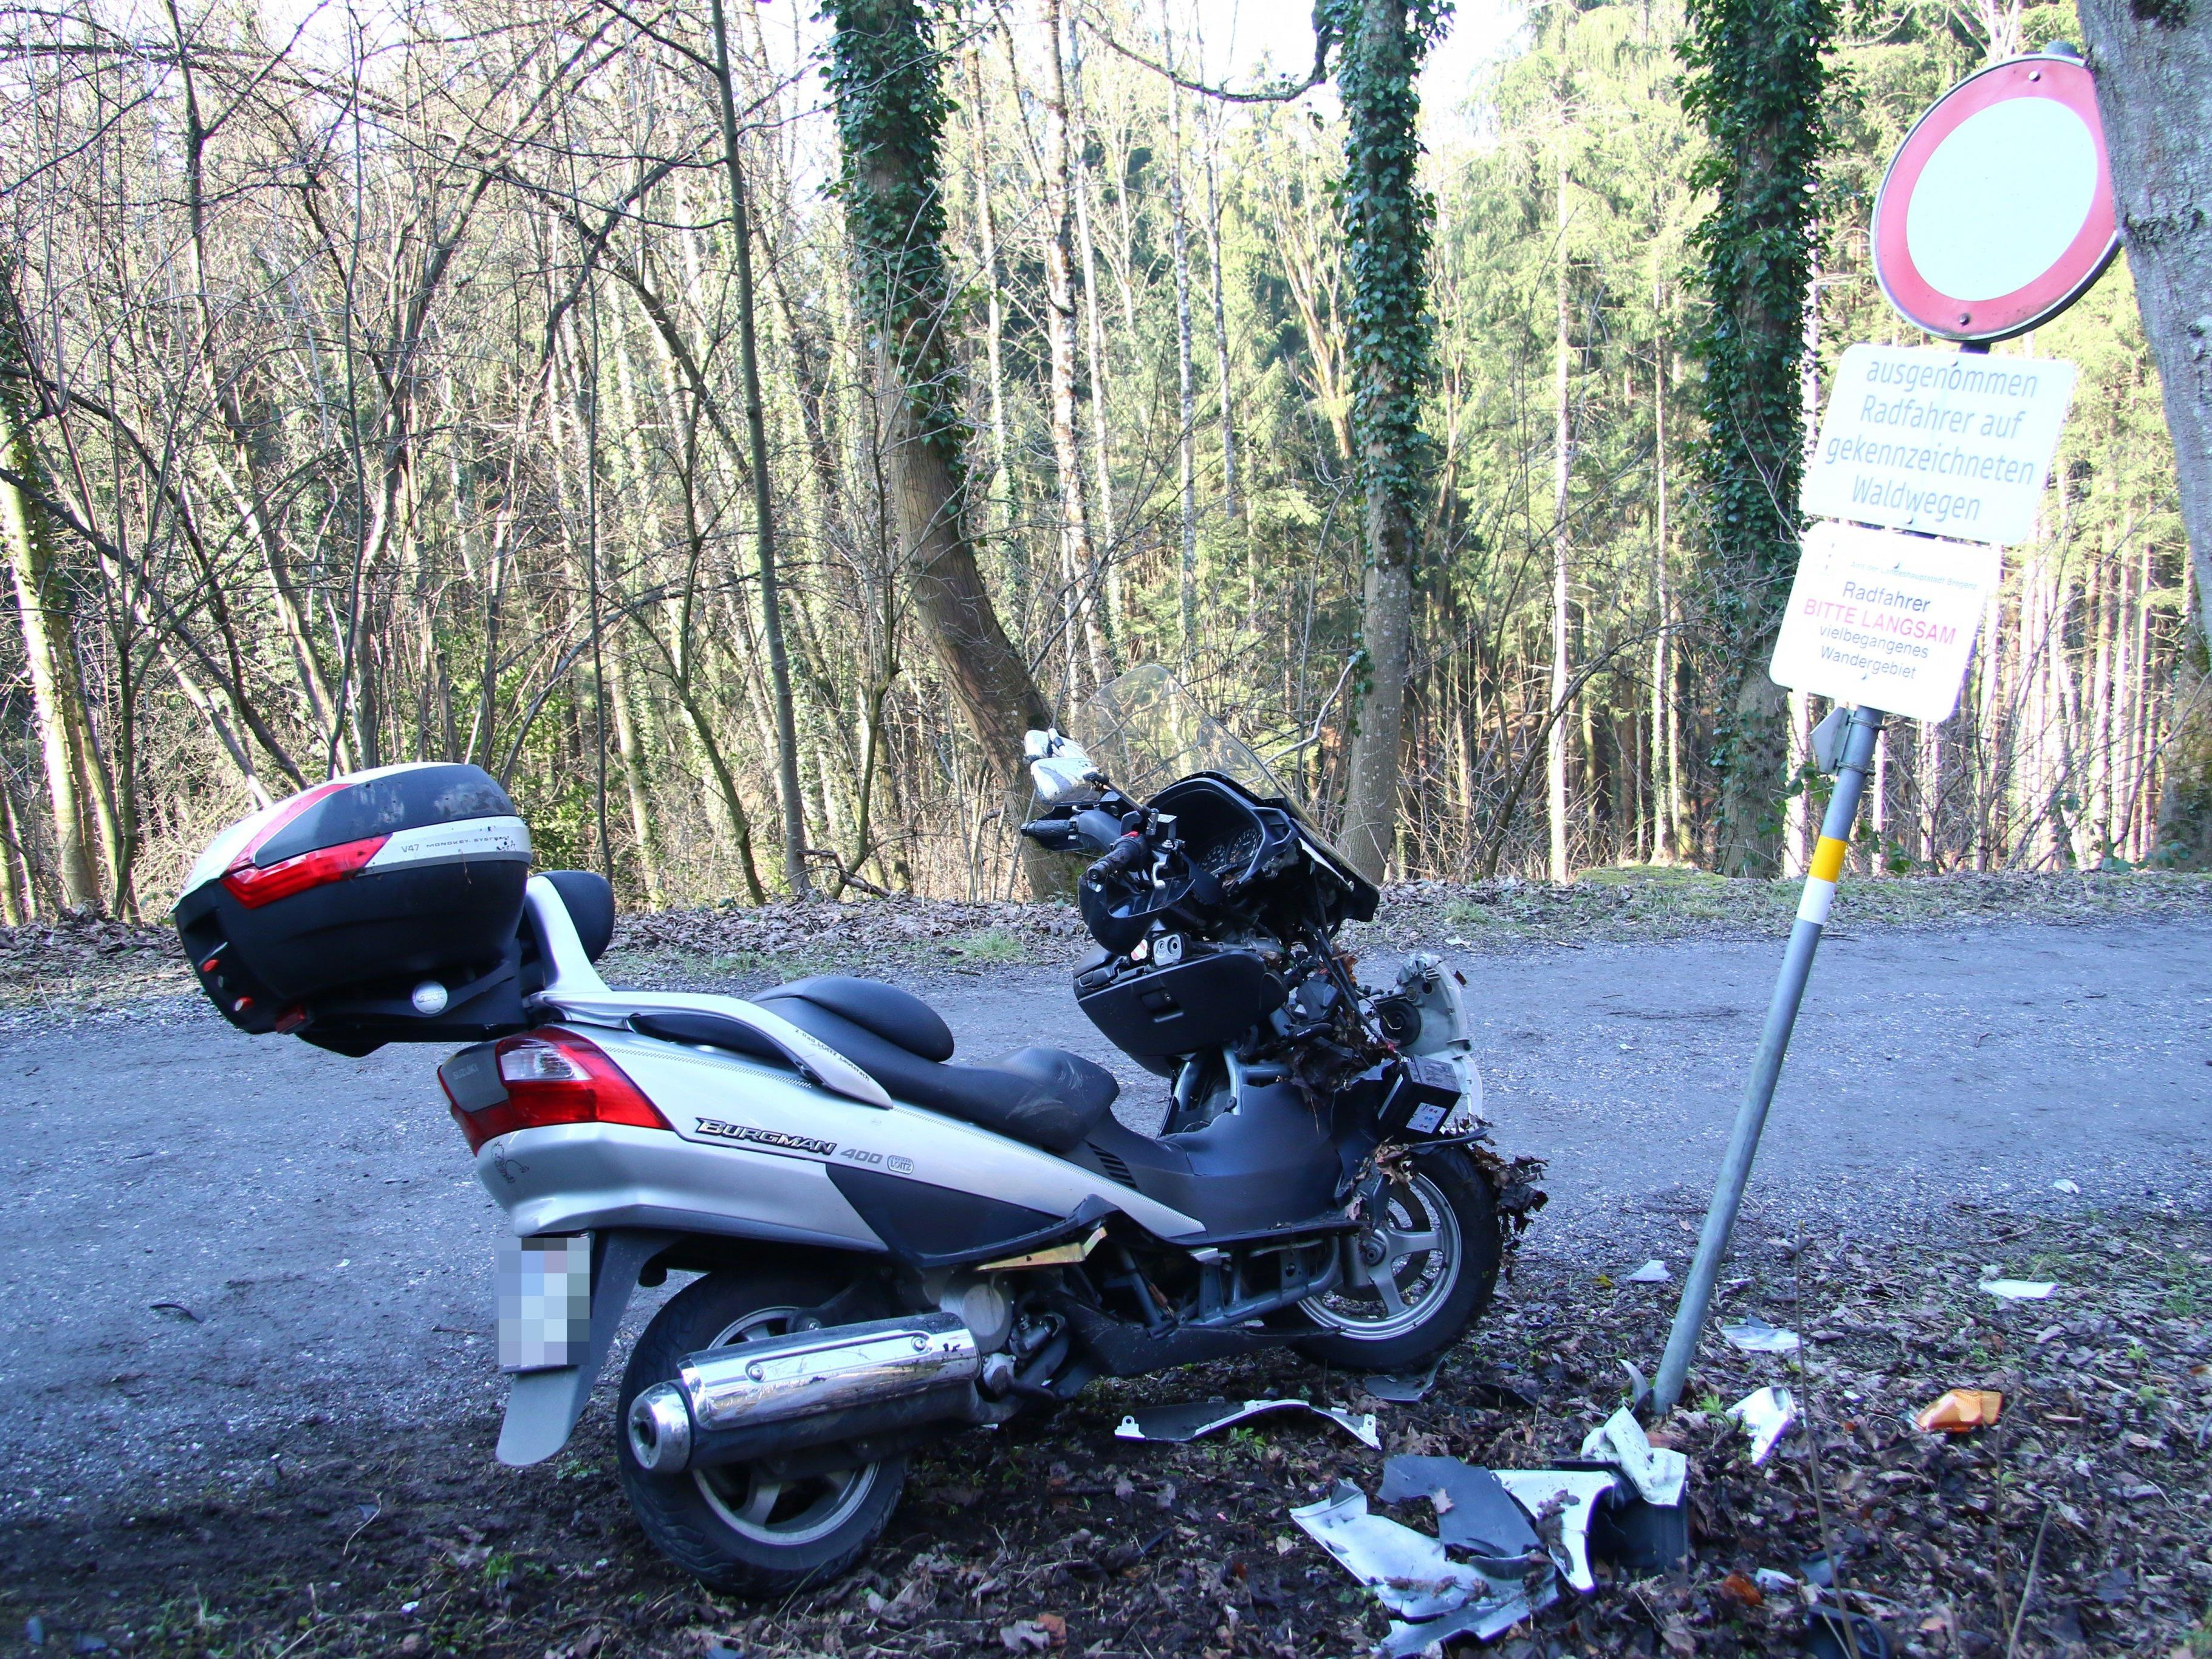 Das Motorrad wurde bei dem Unfall schwer beschädigt.